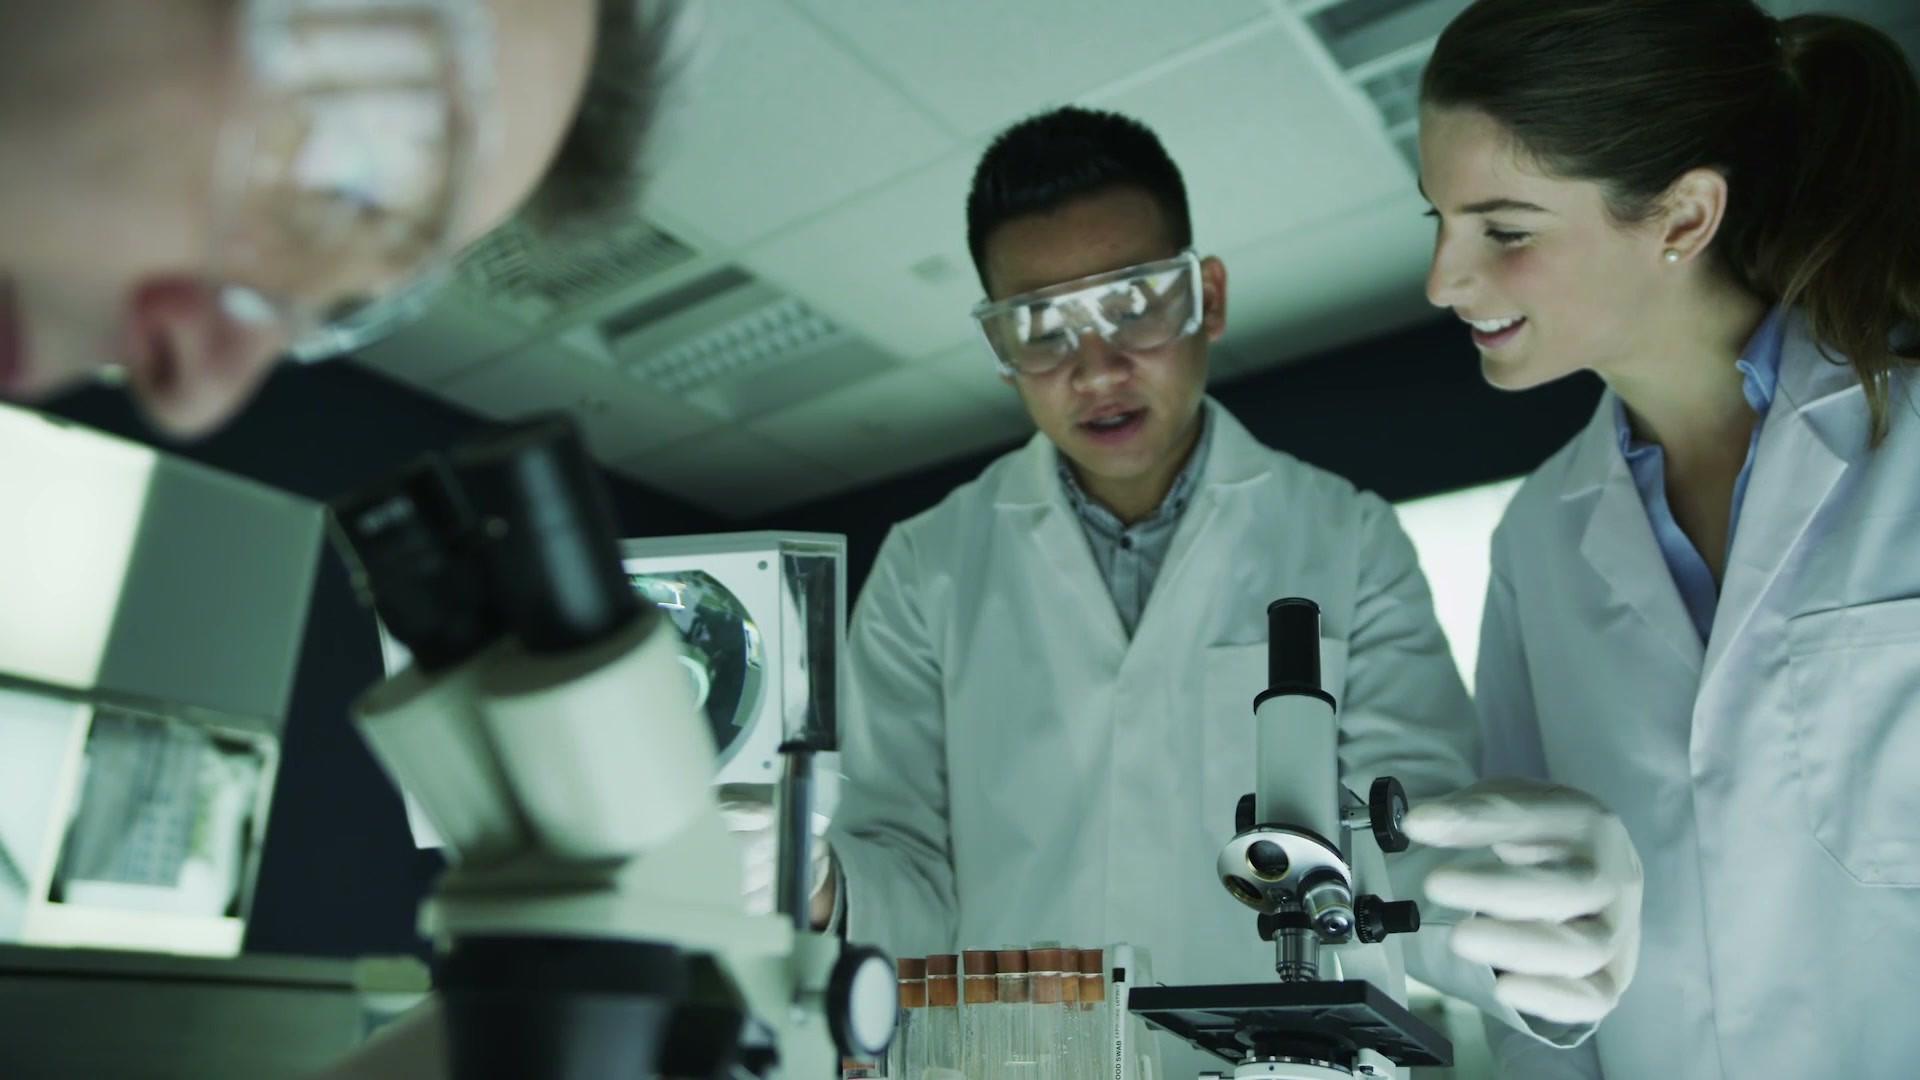 Wissenschaftler Analysieren von Proben